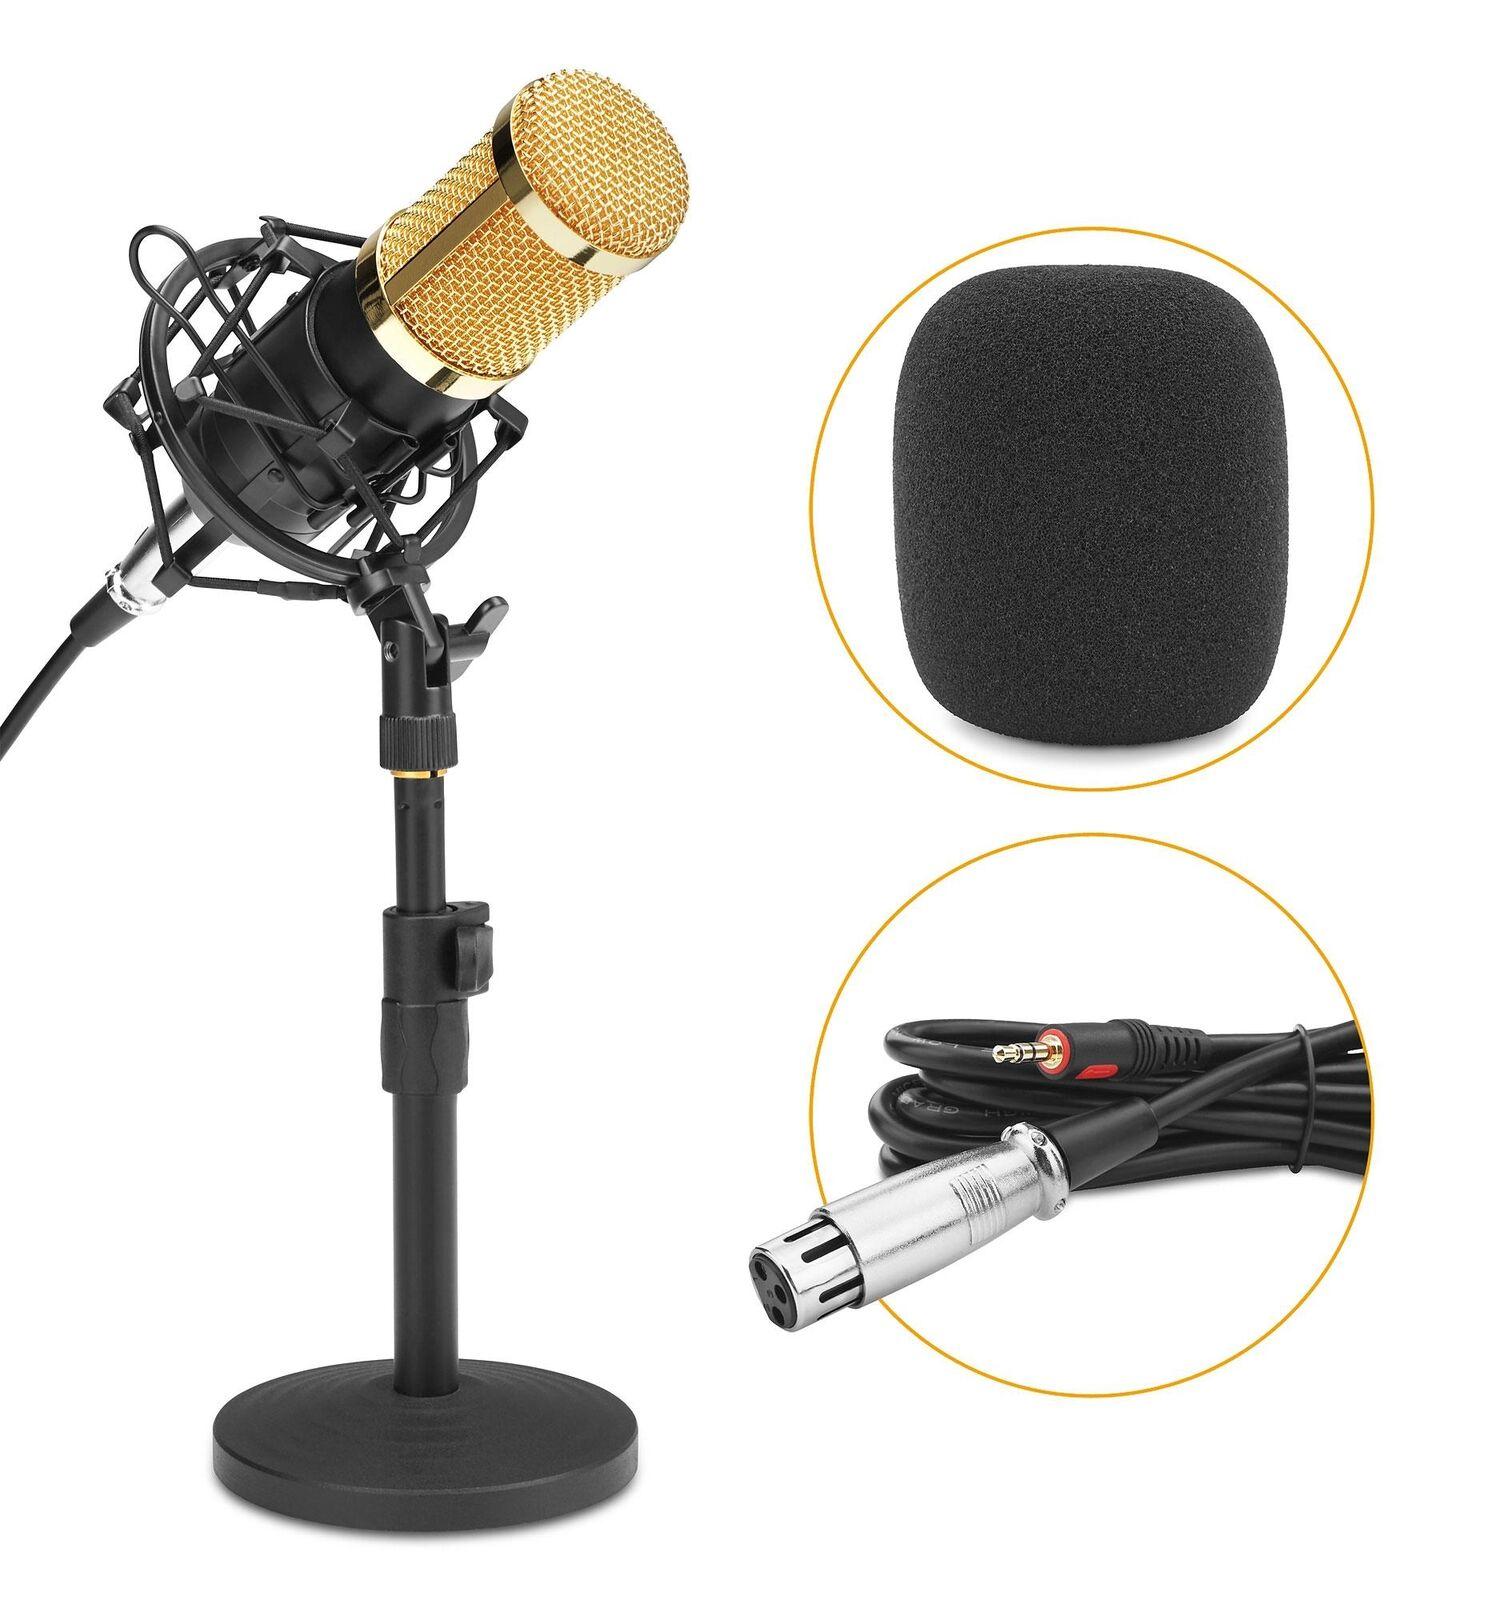 perfezionare Microfono DJ PA Podcast Radio Broadcast Supporto Registrazione Registrazione Registrazione Cavo XLR PC Set  seleziona tra le nuove marche come